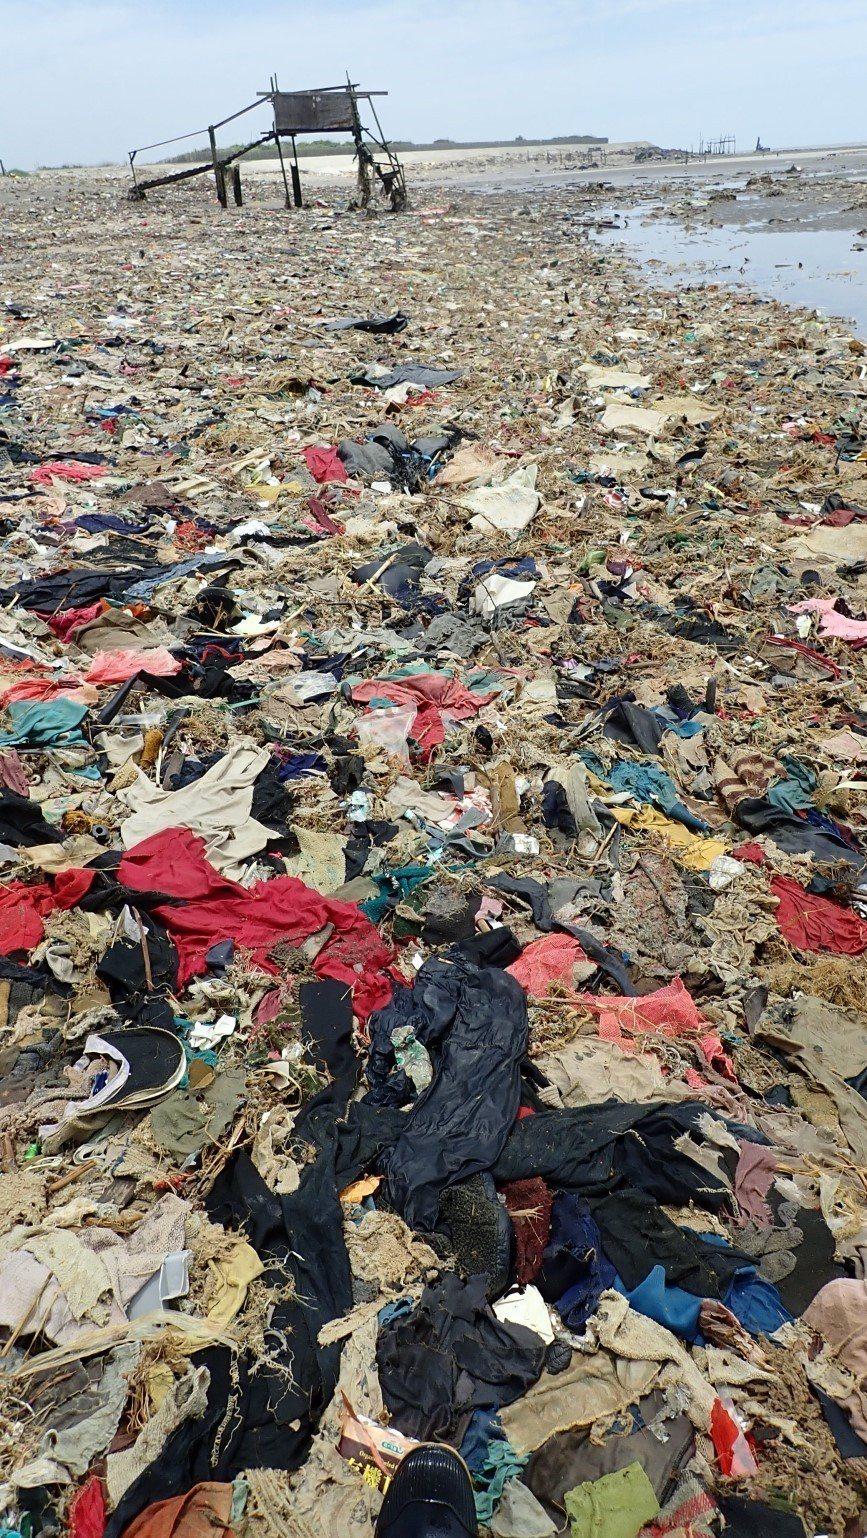 桃園新街溪出海口滿滿廢棄物 網友:以為到未開發國家